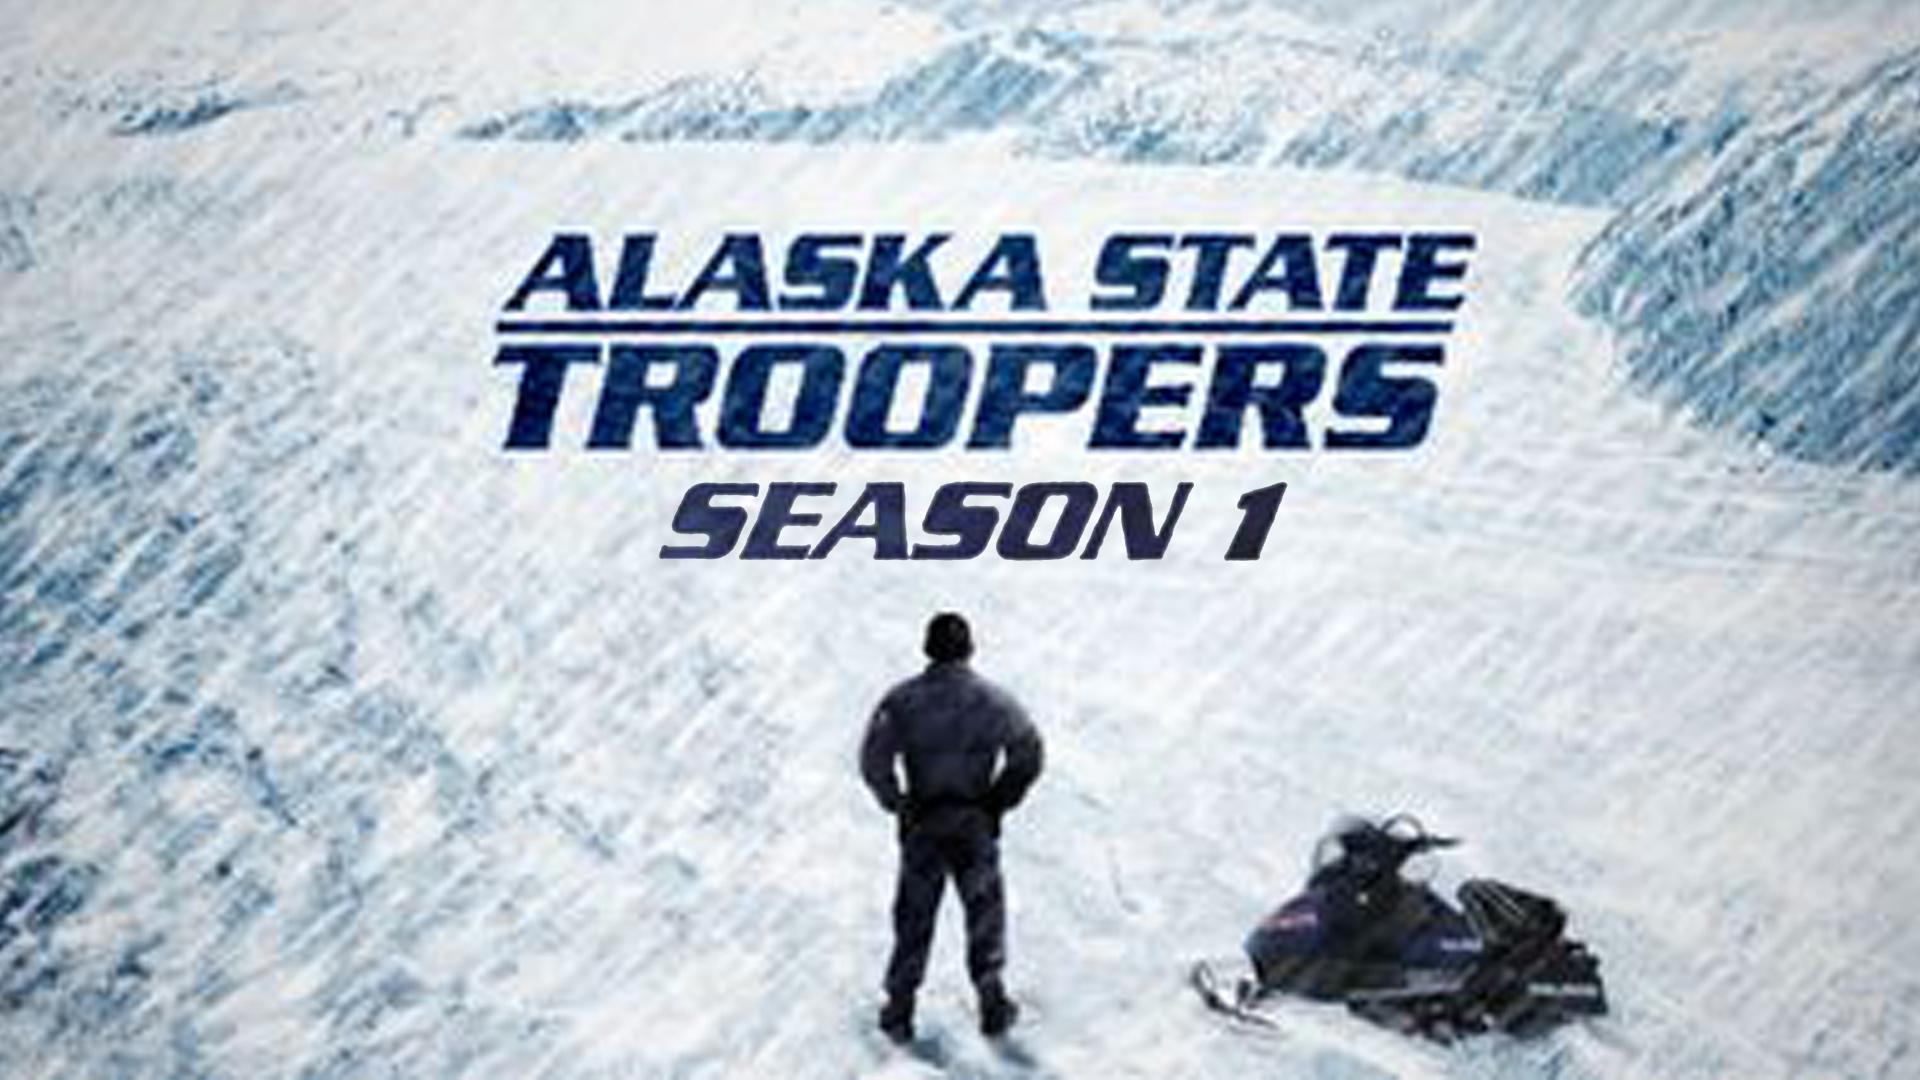 Alaska State Troopers Season 1